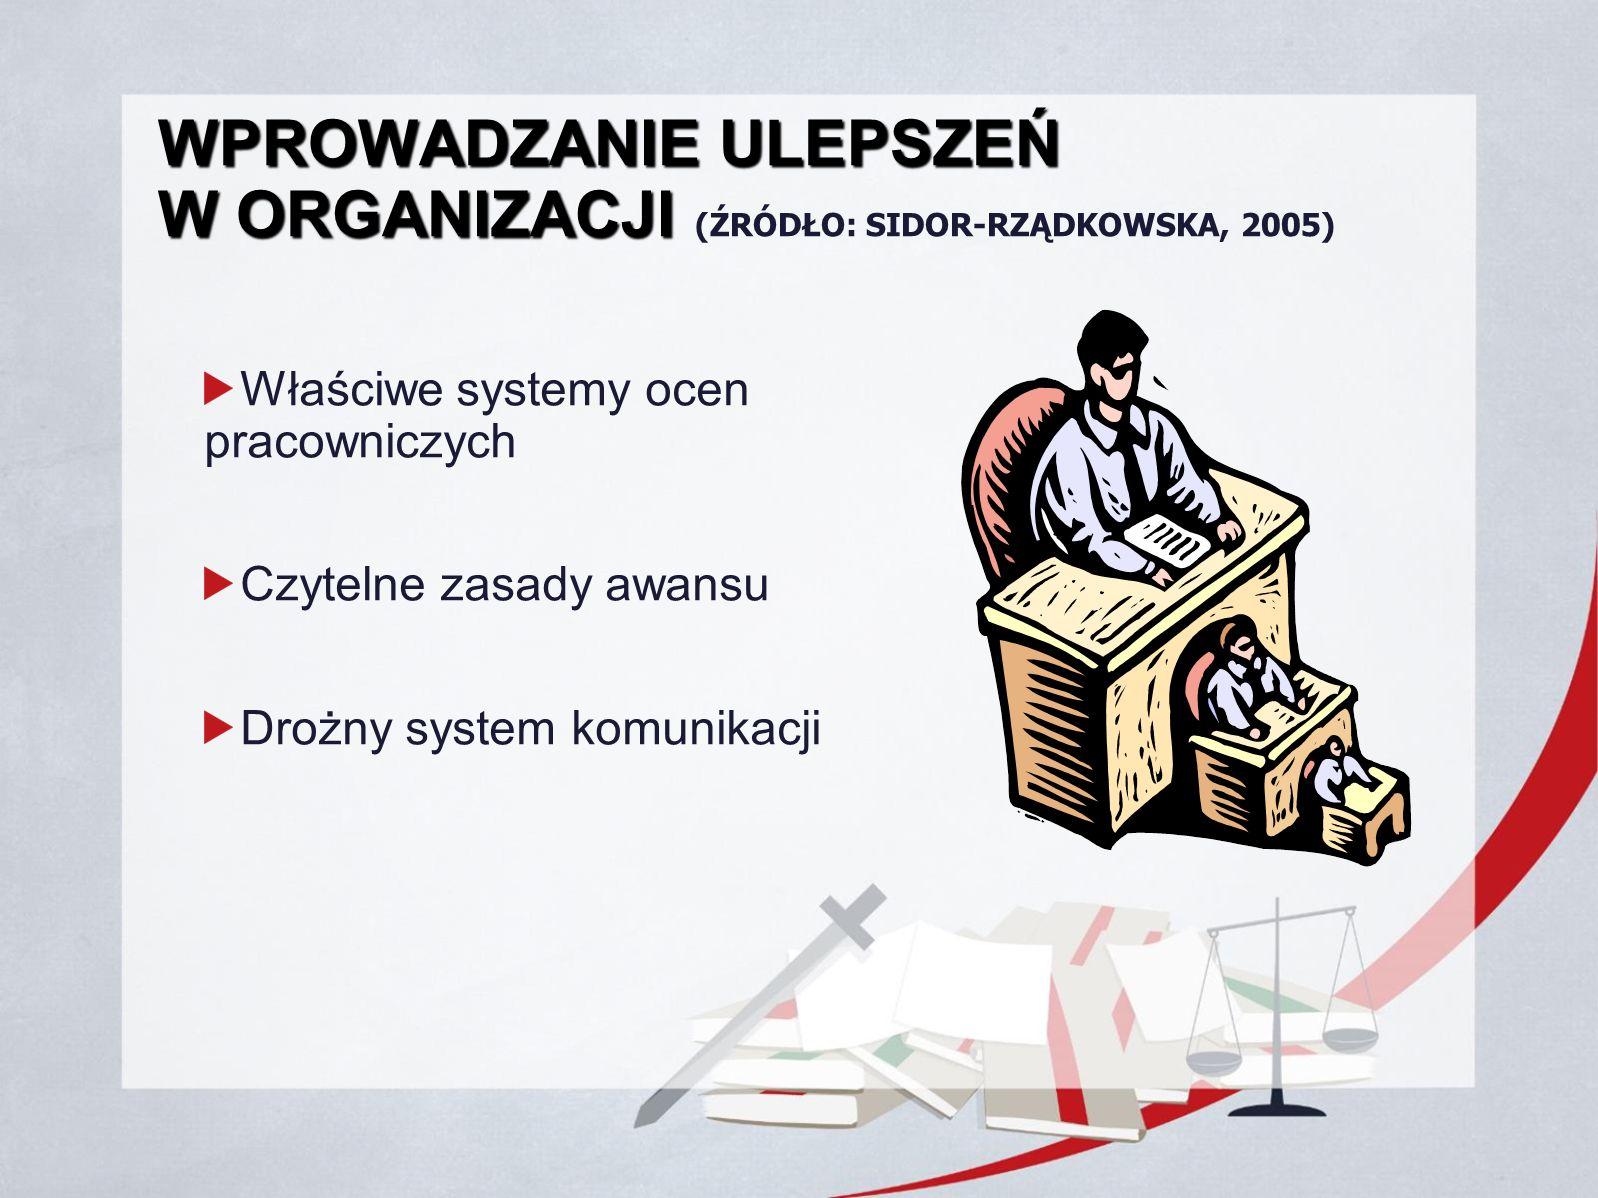 WPROWADZANIE ULEPSZEŃ W ORGANIZACJI WPROWADZANIE ULEPSZEŃ W ORGANIZACJI (ŹRÓDŁO: SIDOR-RZĄDKOWSKA, 2005) Właściwe systemy ocen pracowniczych Czytelne